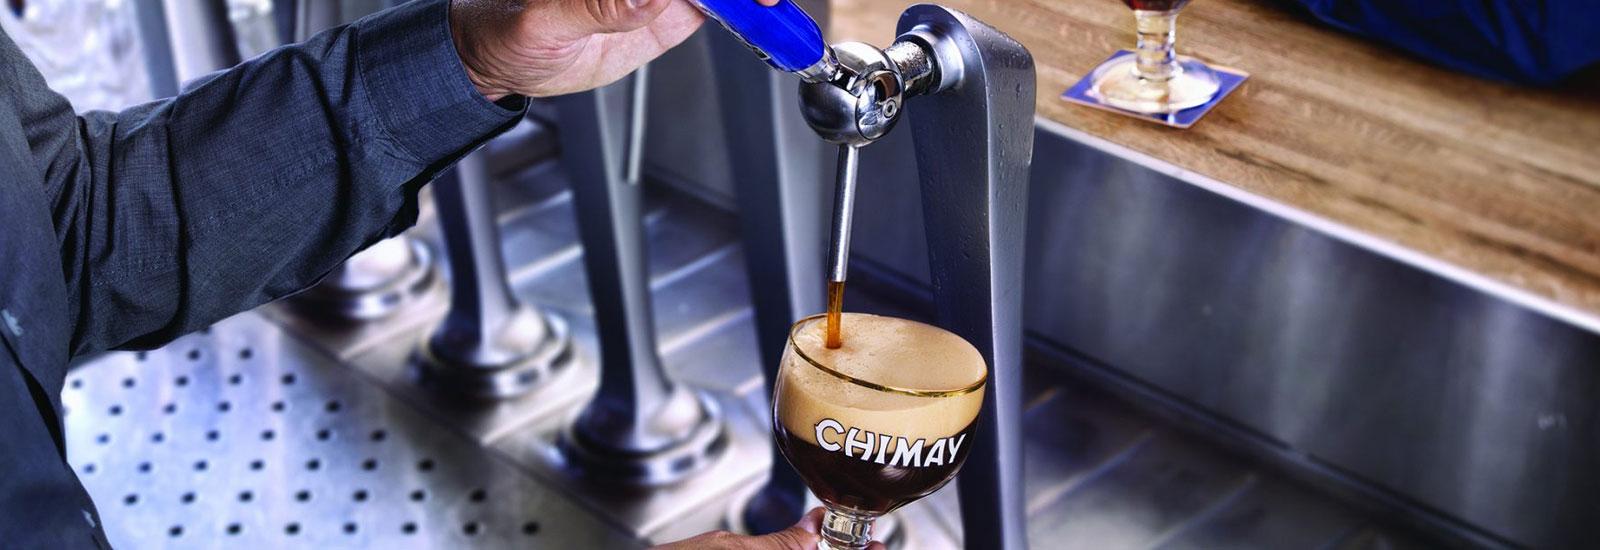 Chimay Blauw, het zwaarste bier uit het gamma